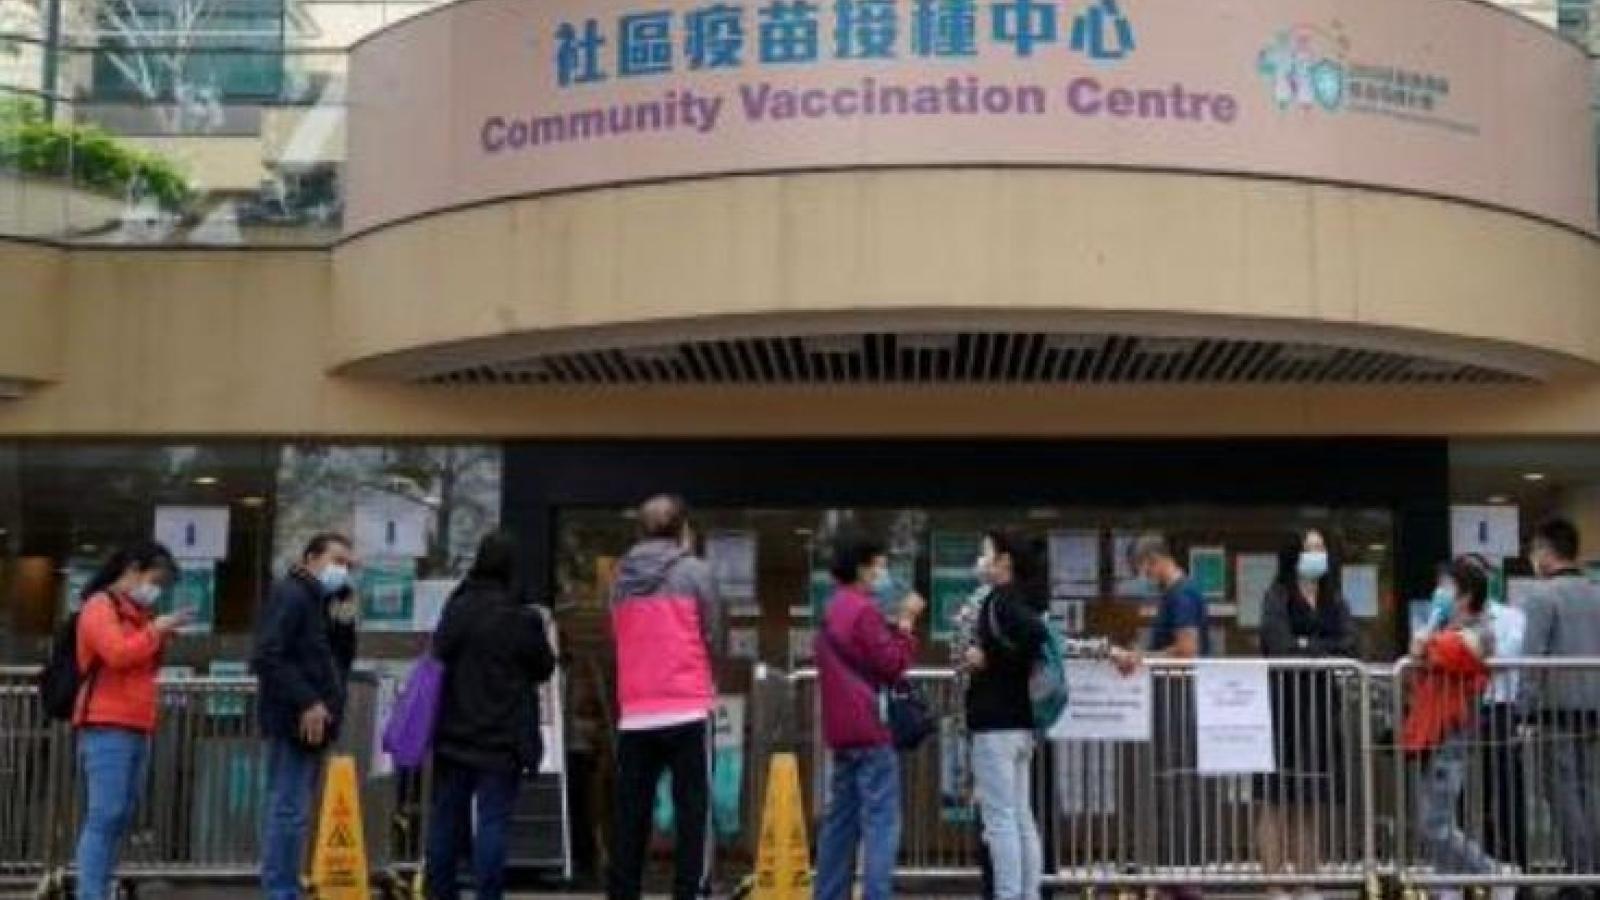 Thêm 1 trường hợp nguy kịch sau tiêm vaccine Sinovac ở Hong Kong (Trung Quốc)